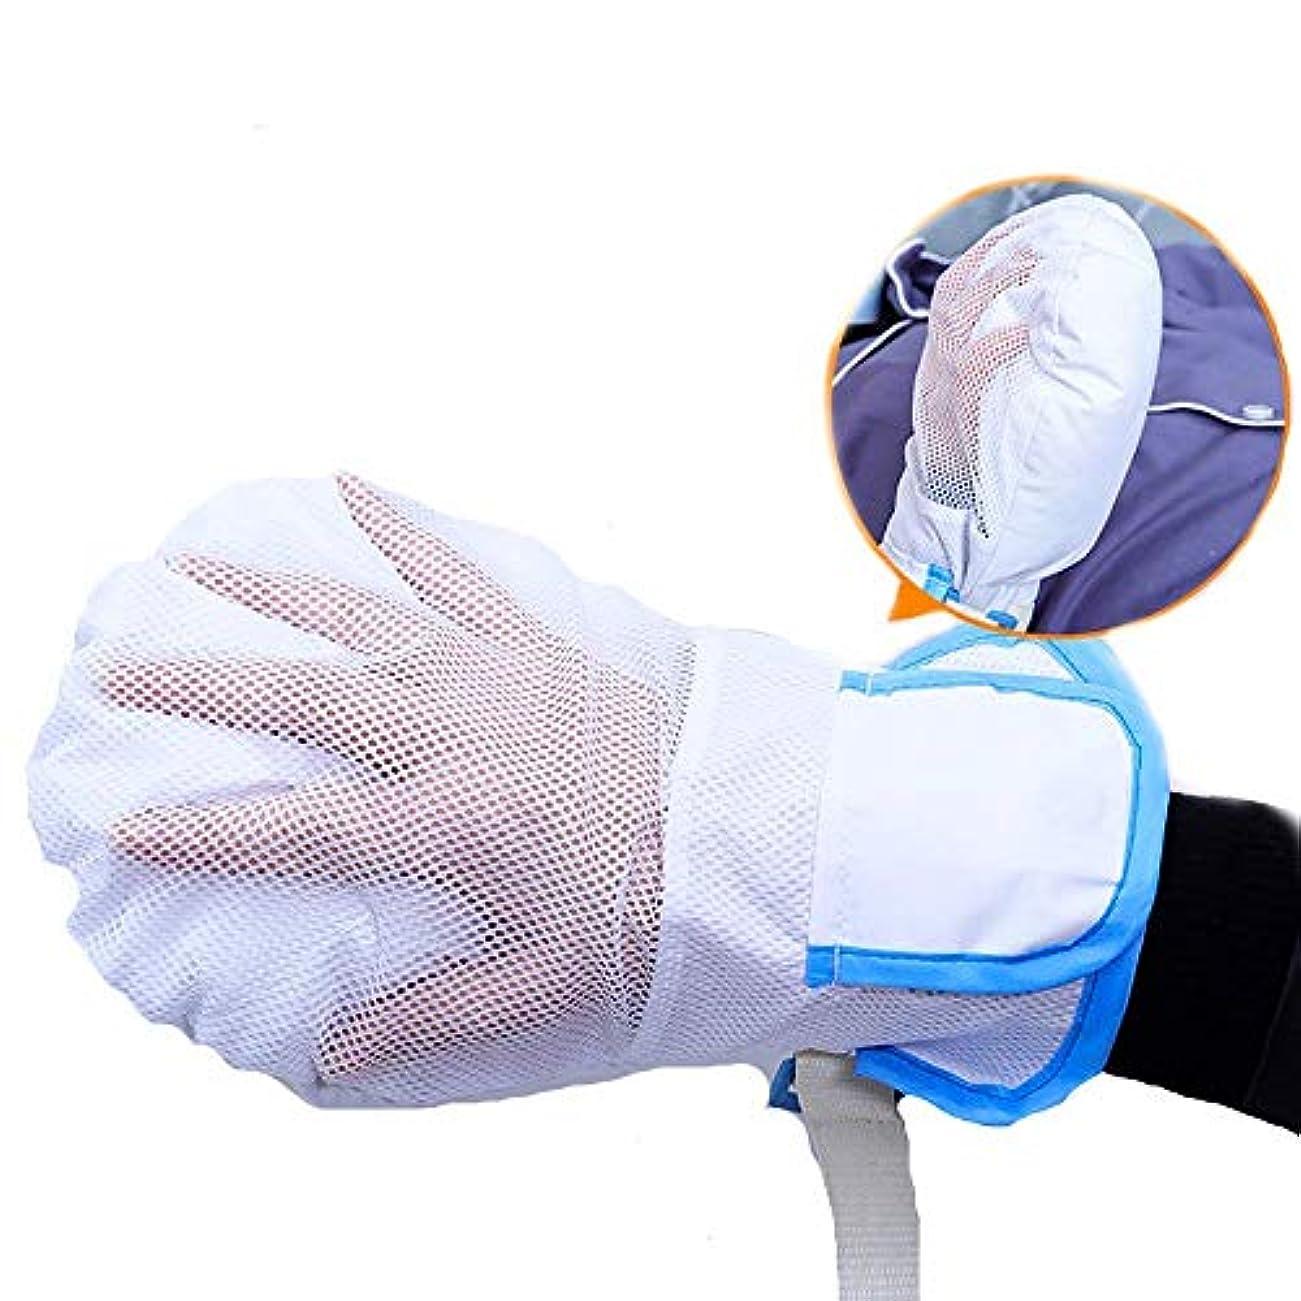 輸血役に立たない腹痛フィンガーコントロールミット、手の拘束、認知症安全拘束手袋ハンドプロテクターを保護します。 (2PCS)